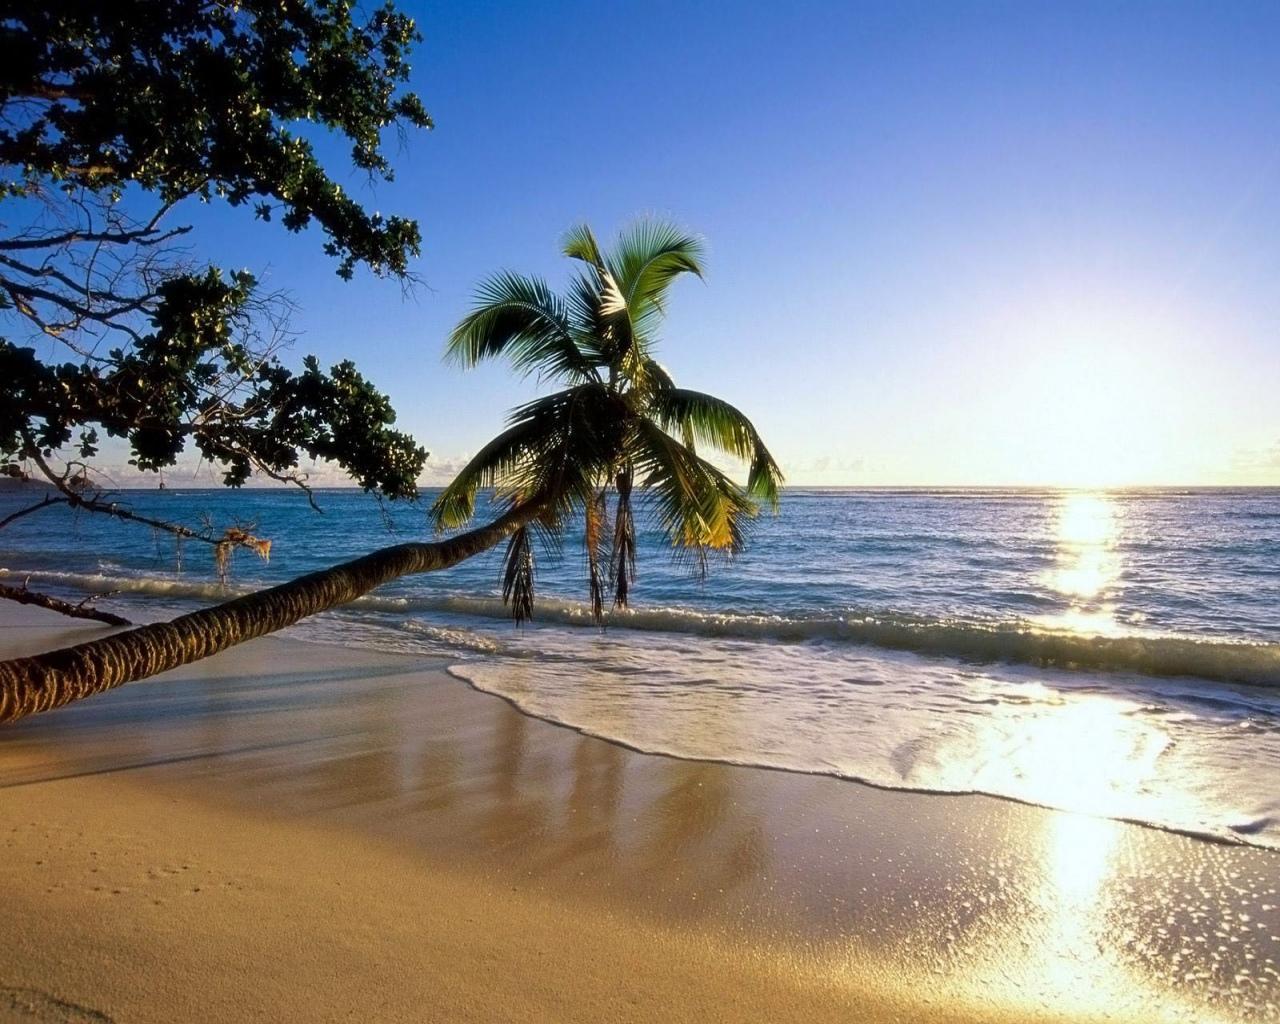 солнце пальмы море фото